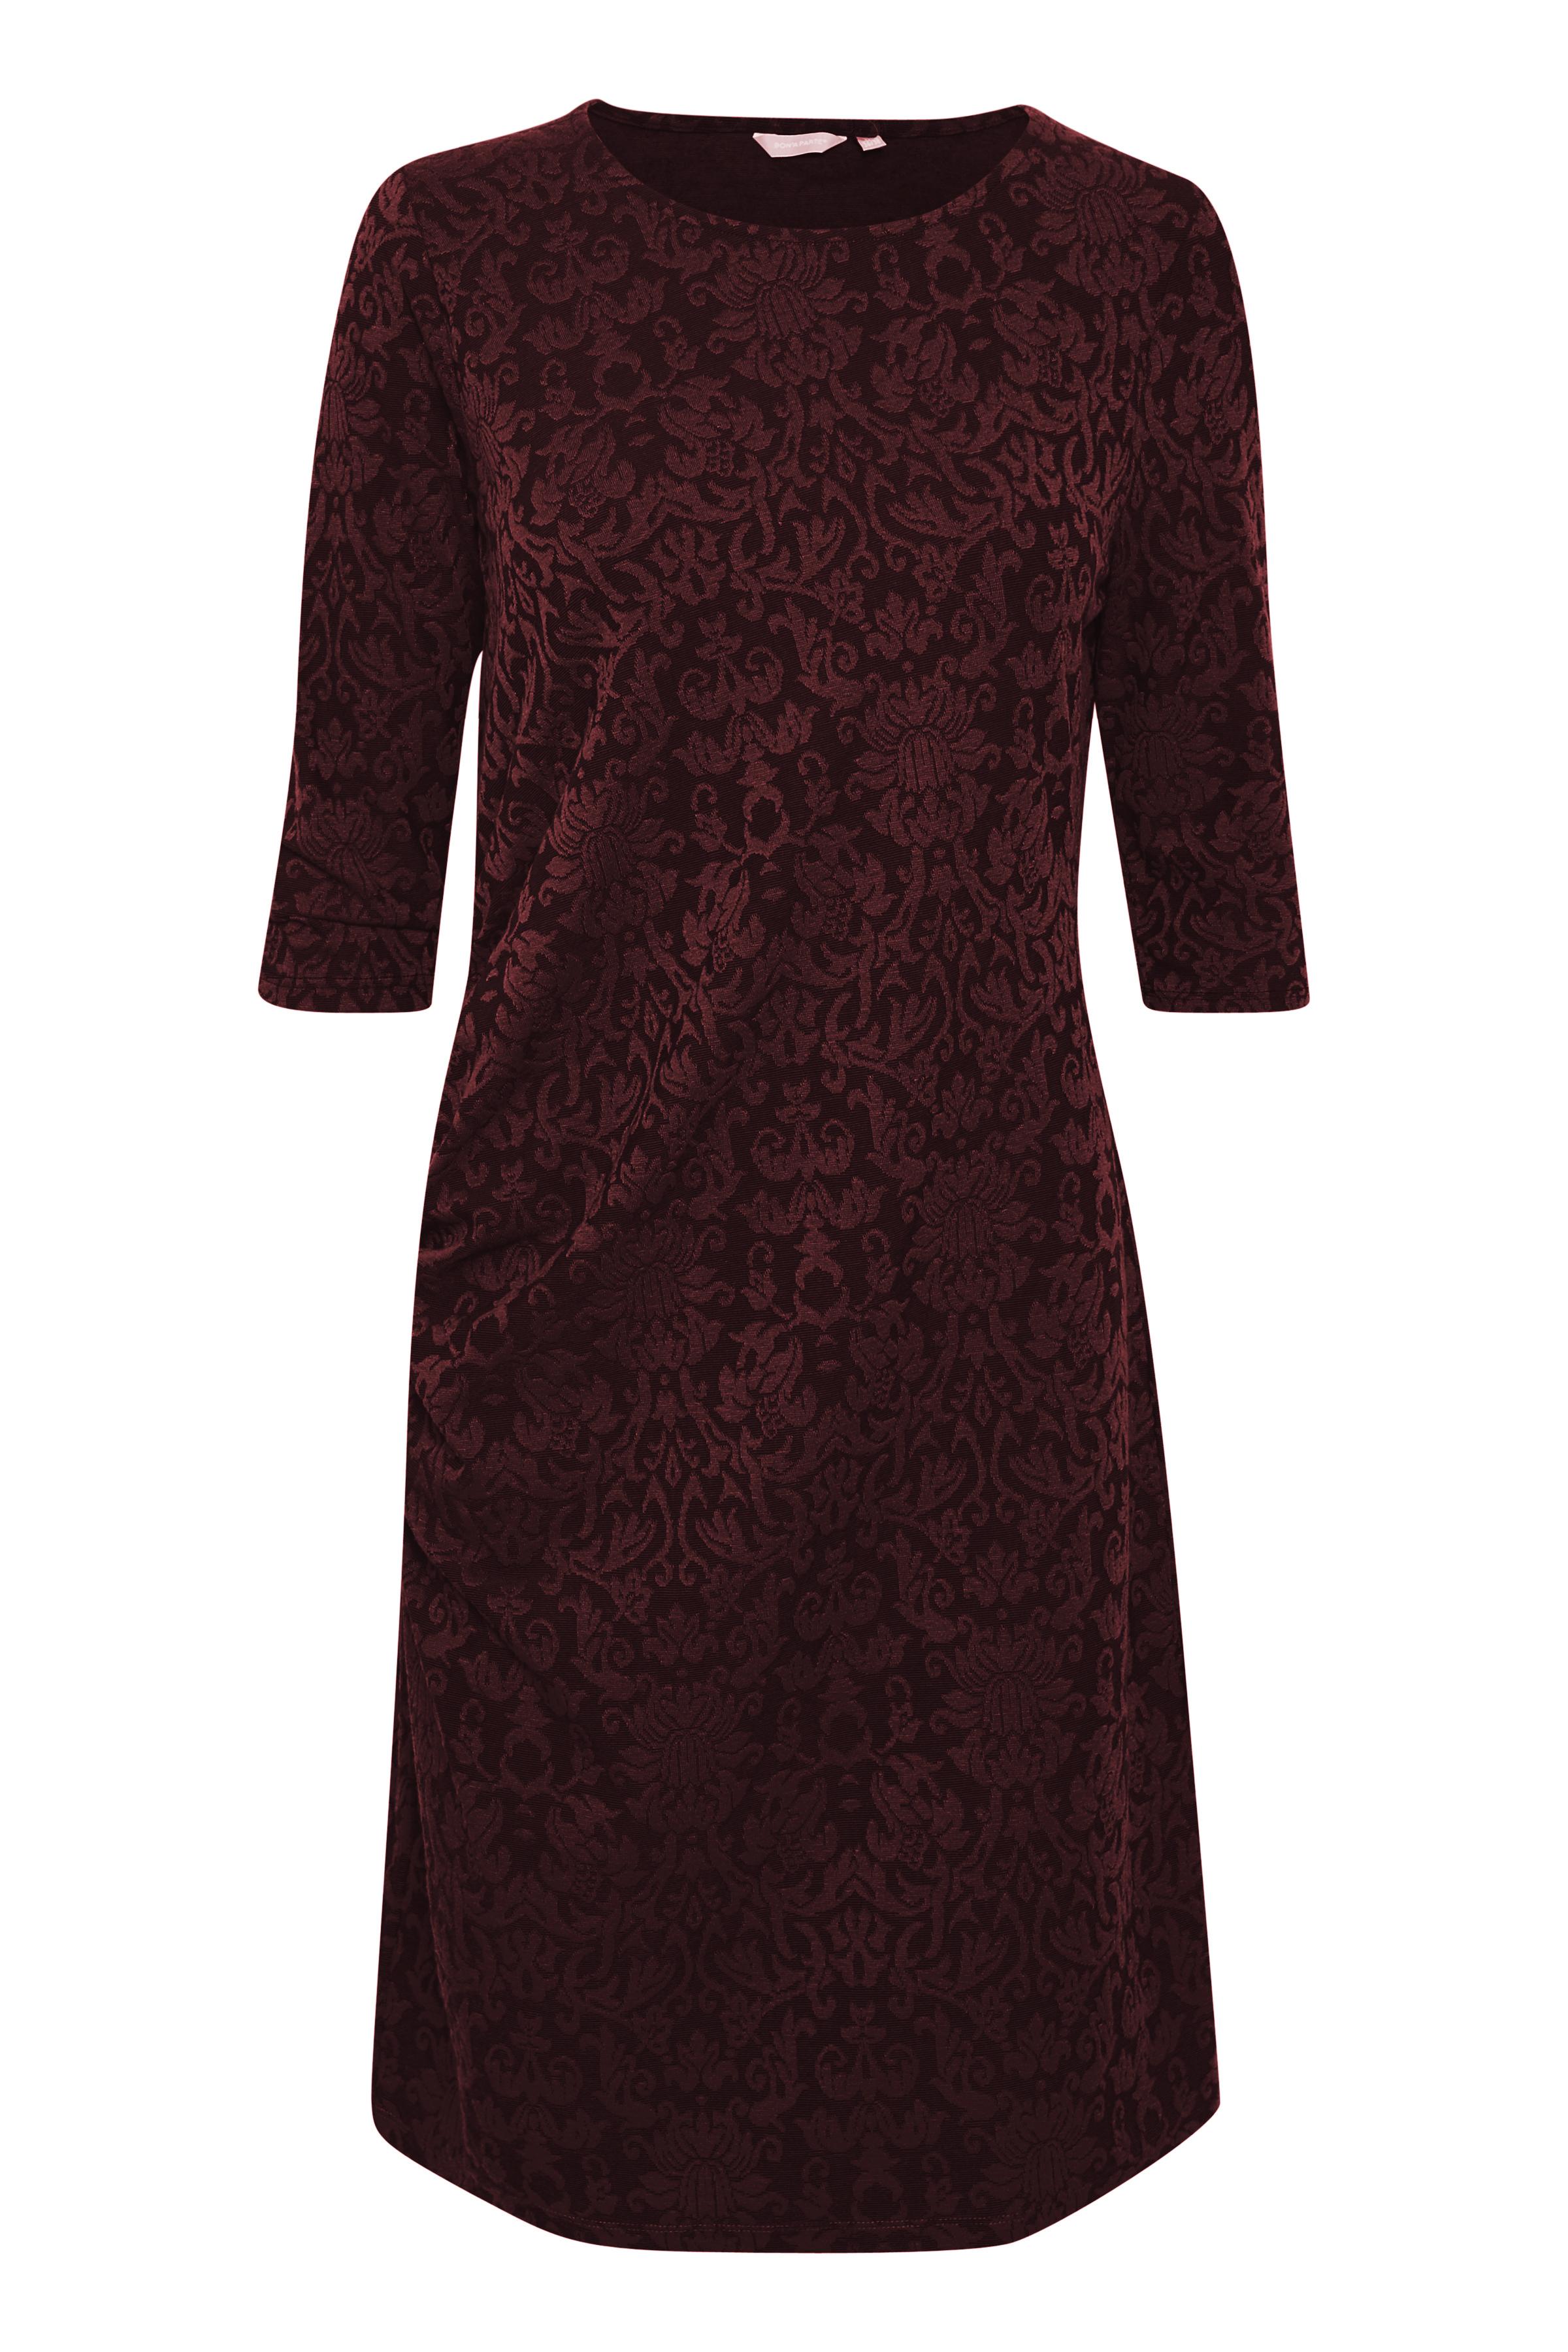 BonA Parte Dame Kjole i jaquard-printet jersey kvalitet. Kjolen - Mørkerød